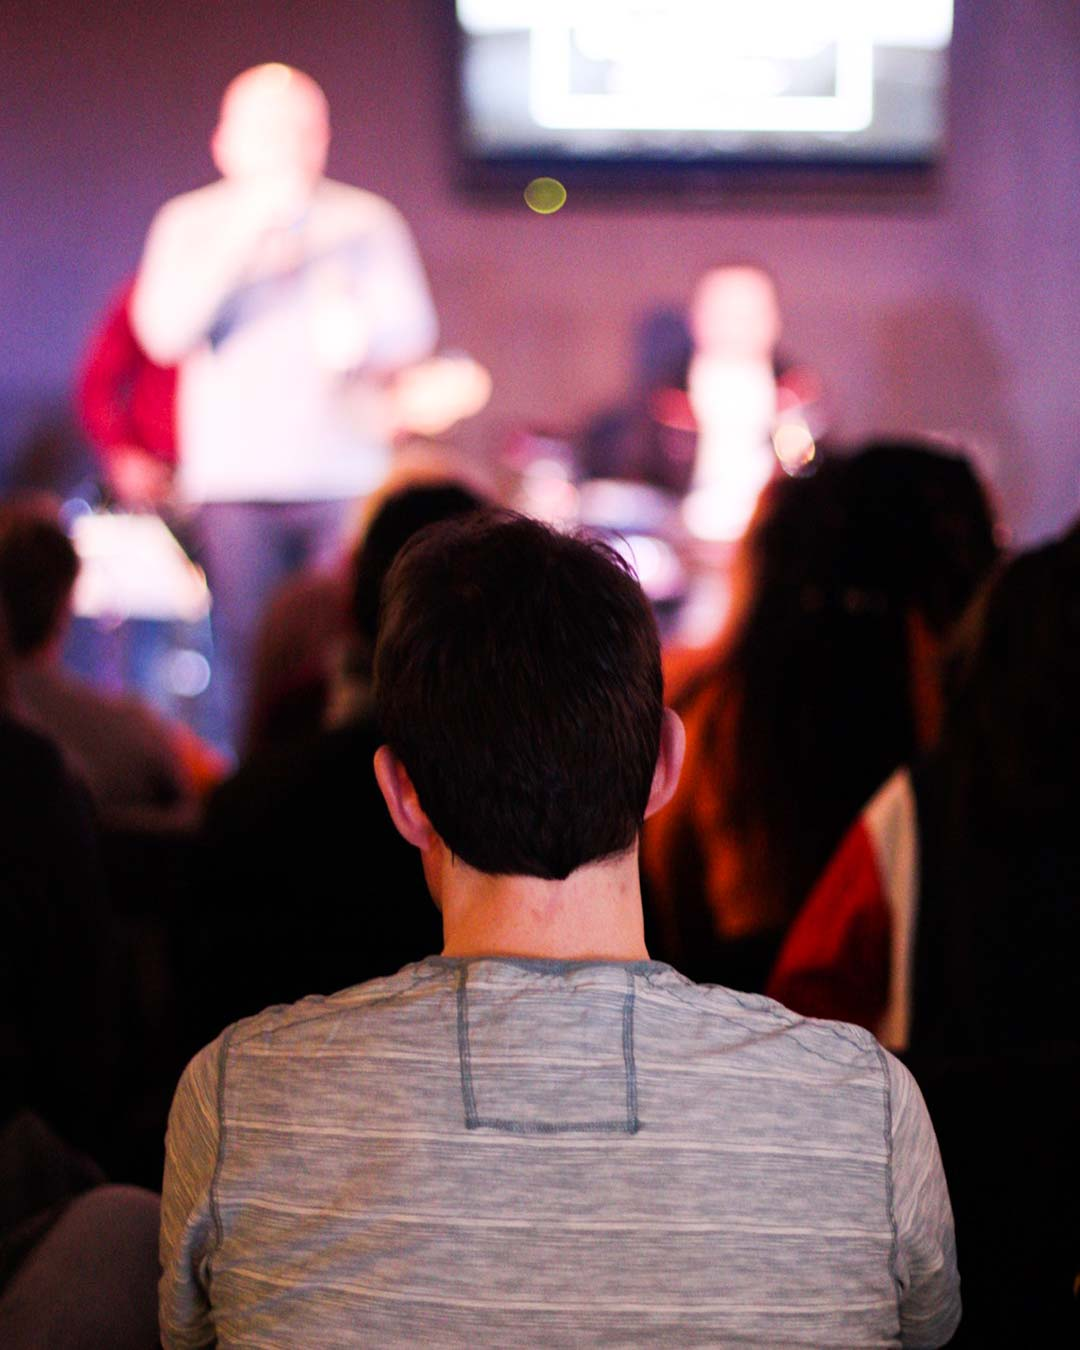 A church member seated in a church service.